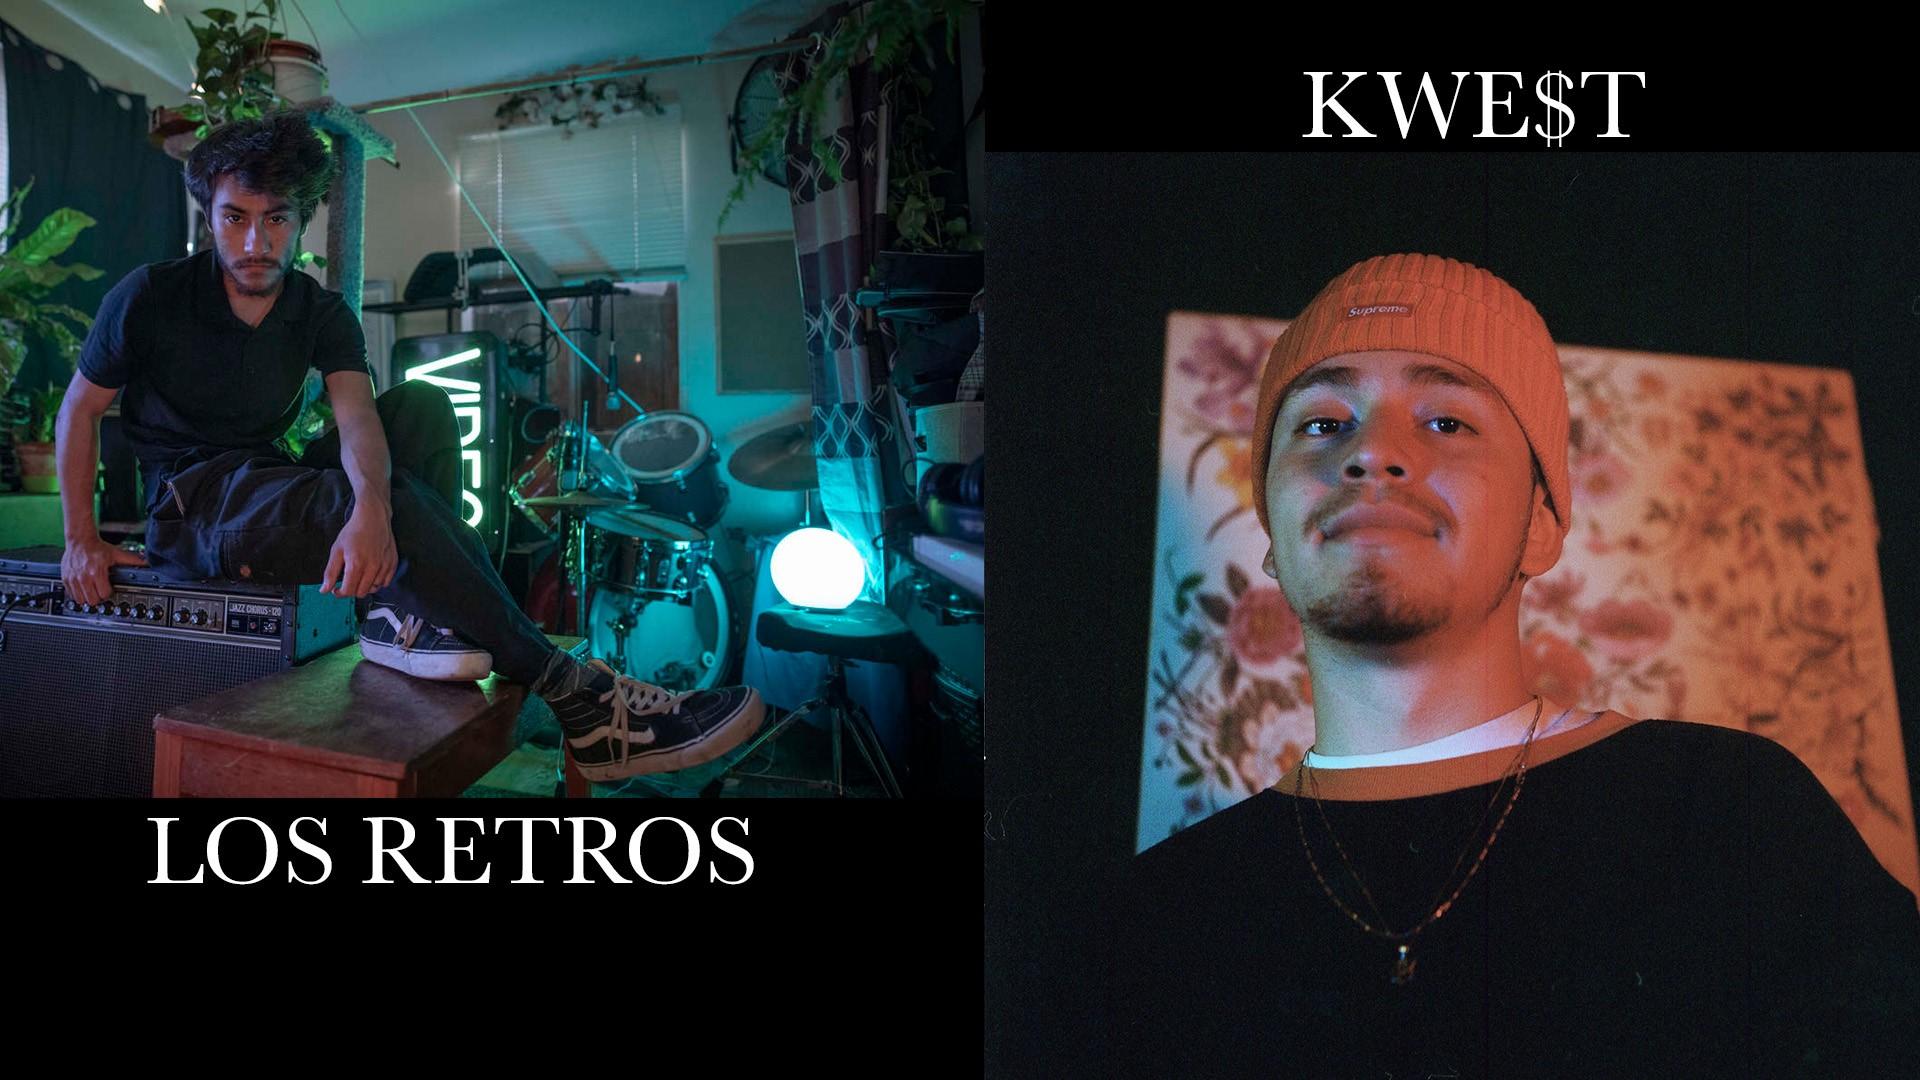 Los Retros & Kwe$t